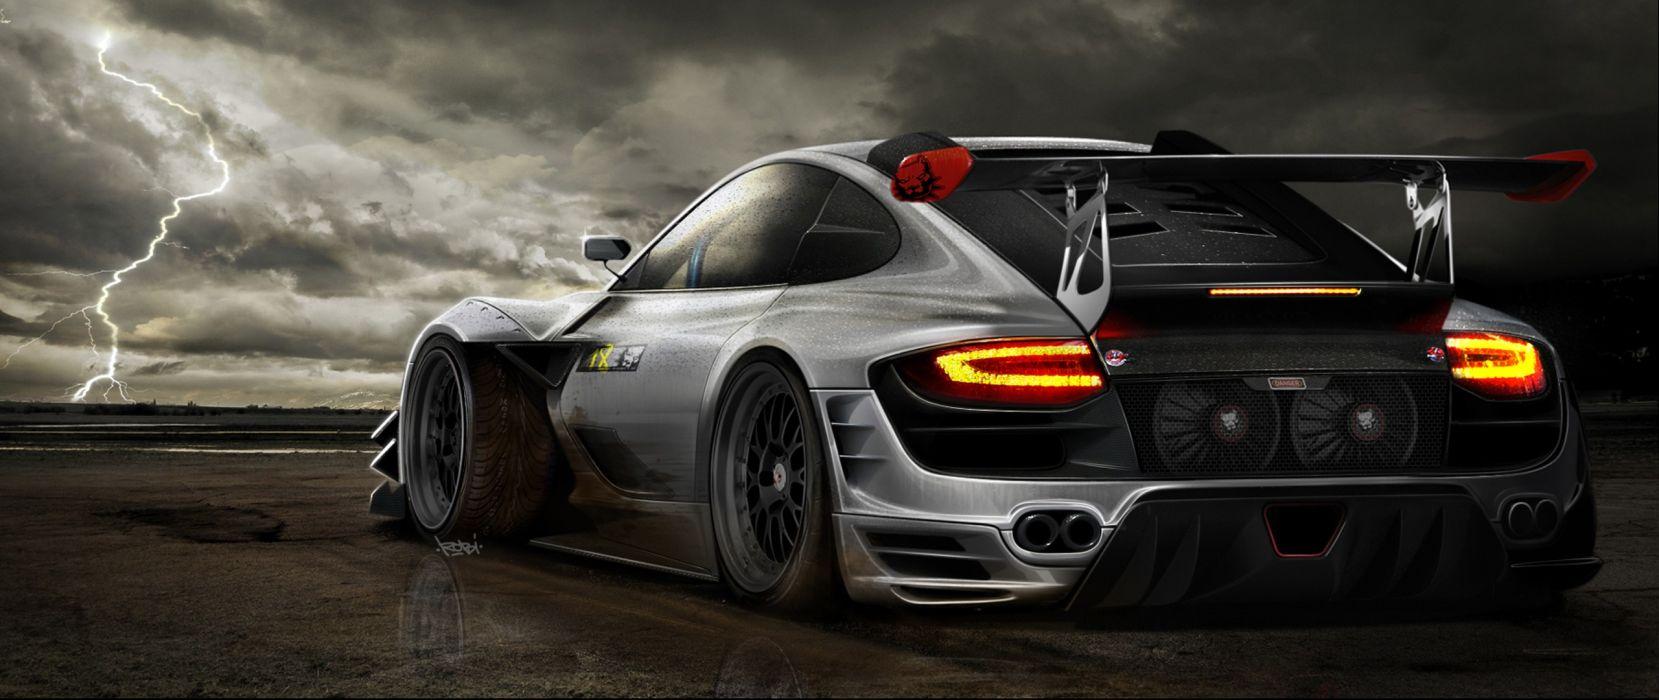 cars wallpaper | 2560x1080 | 219973 | wallpaperup